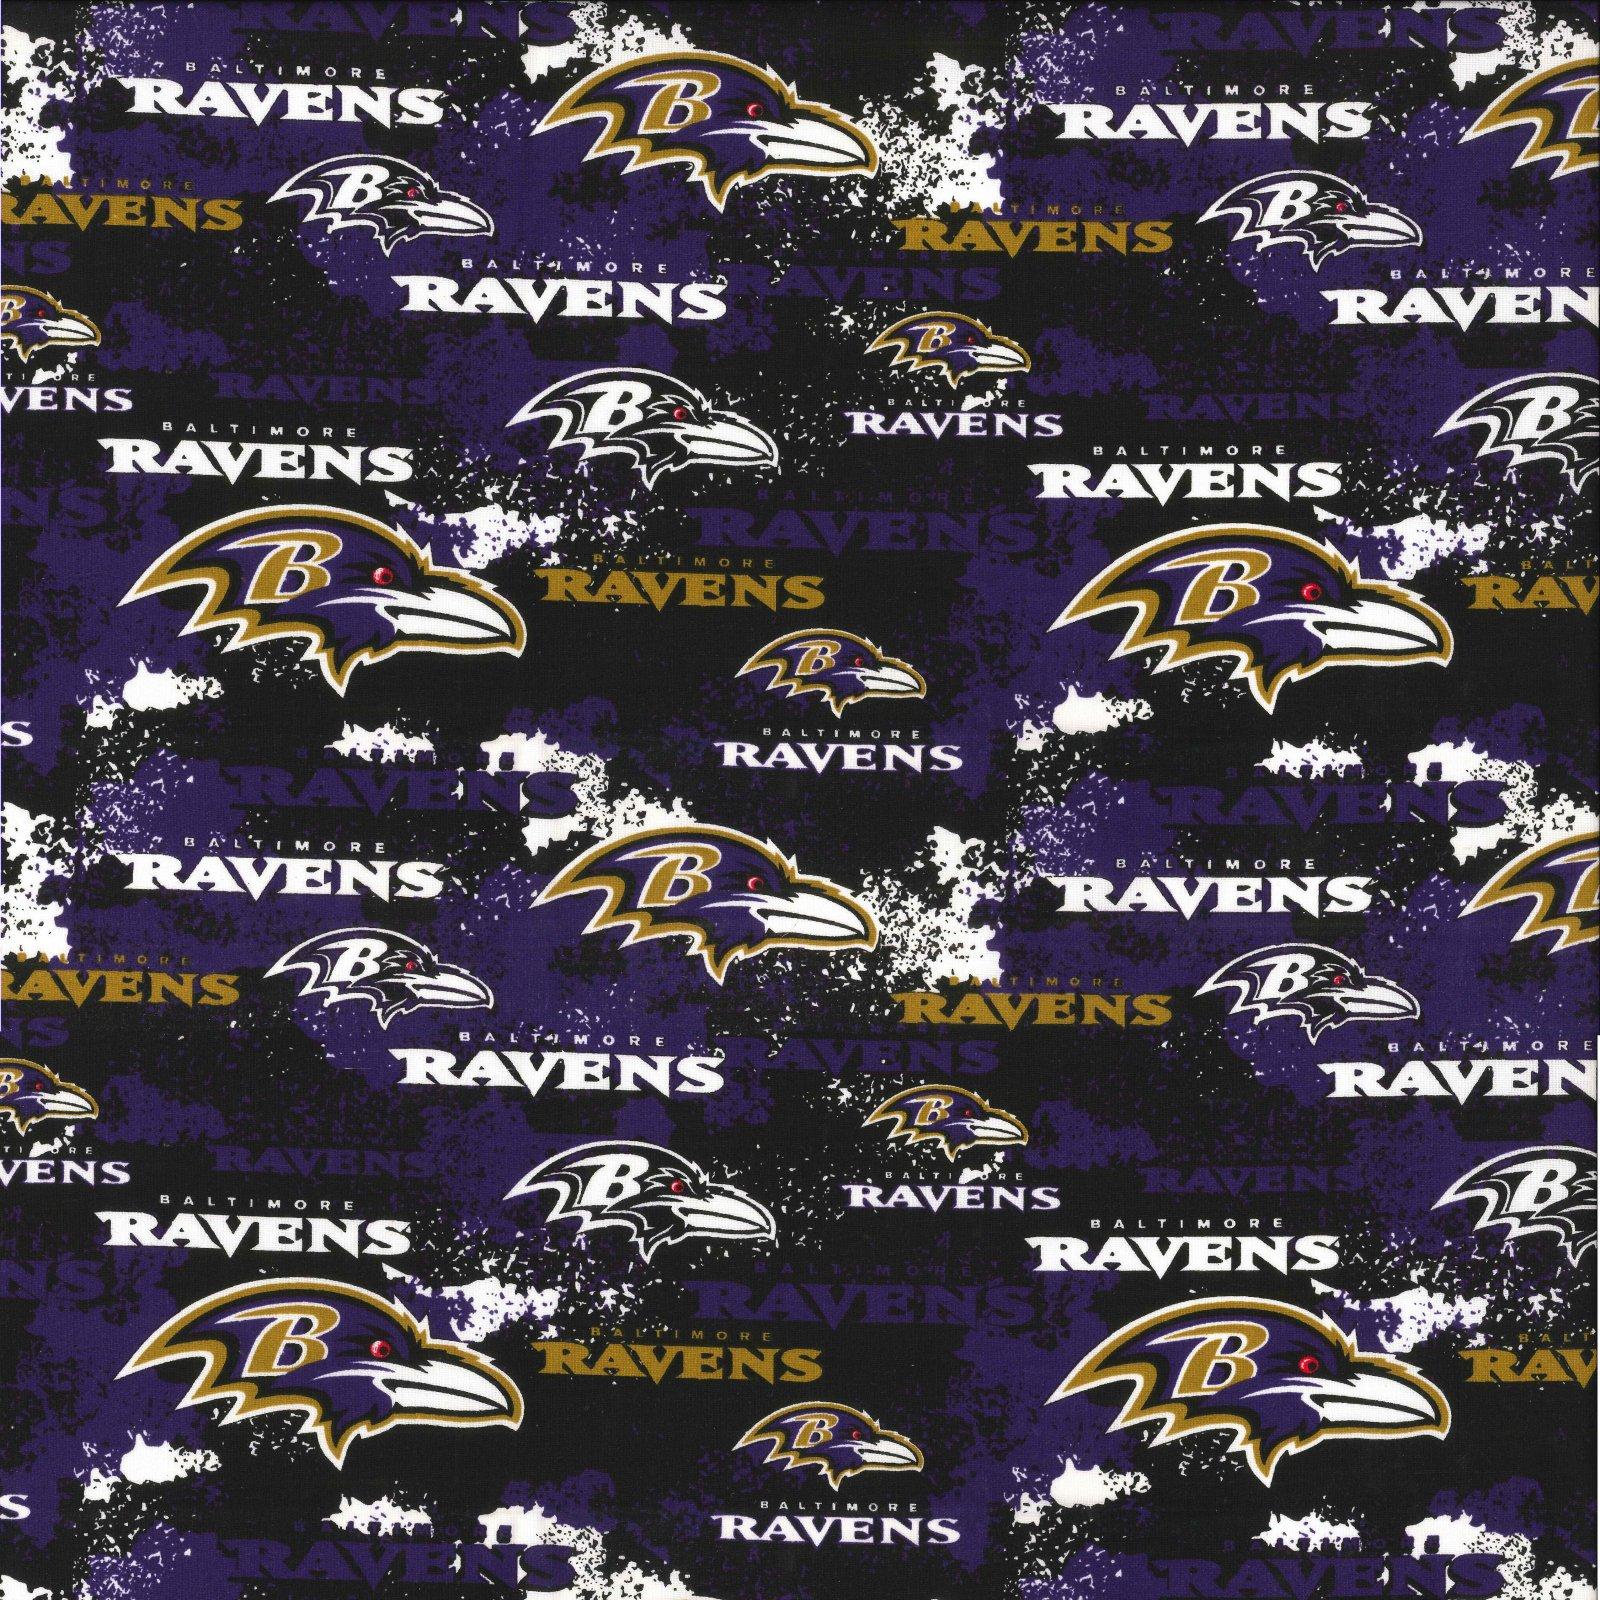 FT-NFL Cotton 70100-D Baltimore Ravens